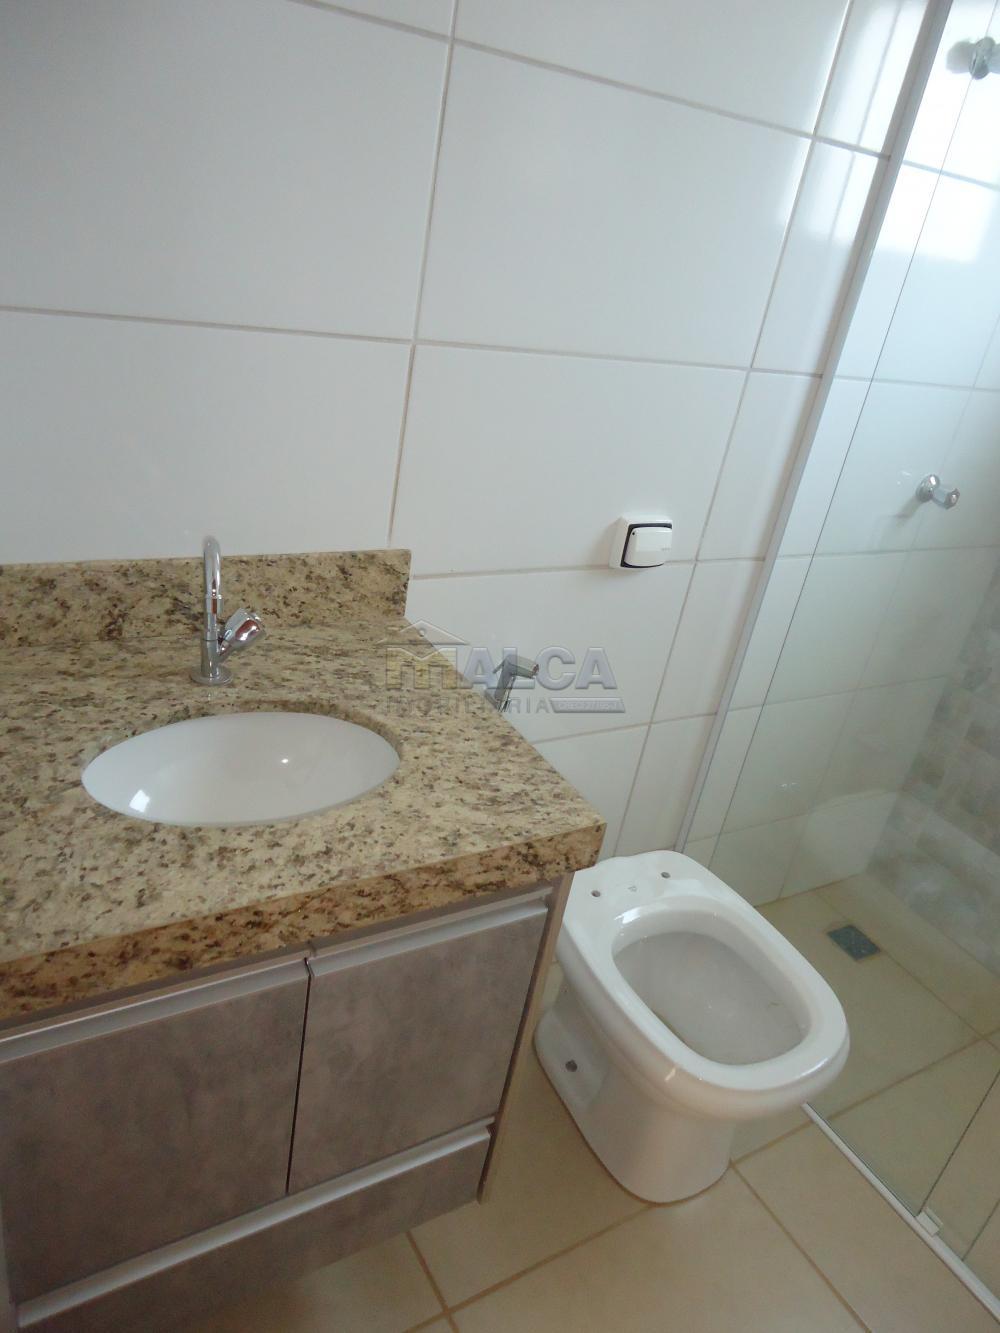 Alugar Apartamentos / Padrão em São José do Rio Pardo R$ 935,00 - Foto 28